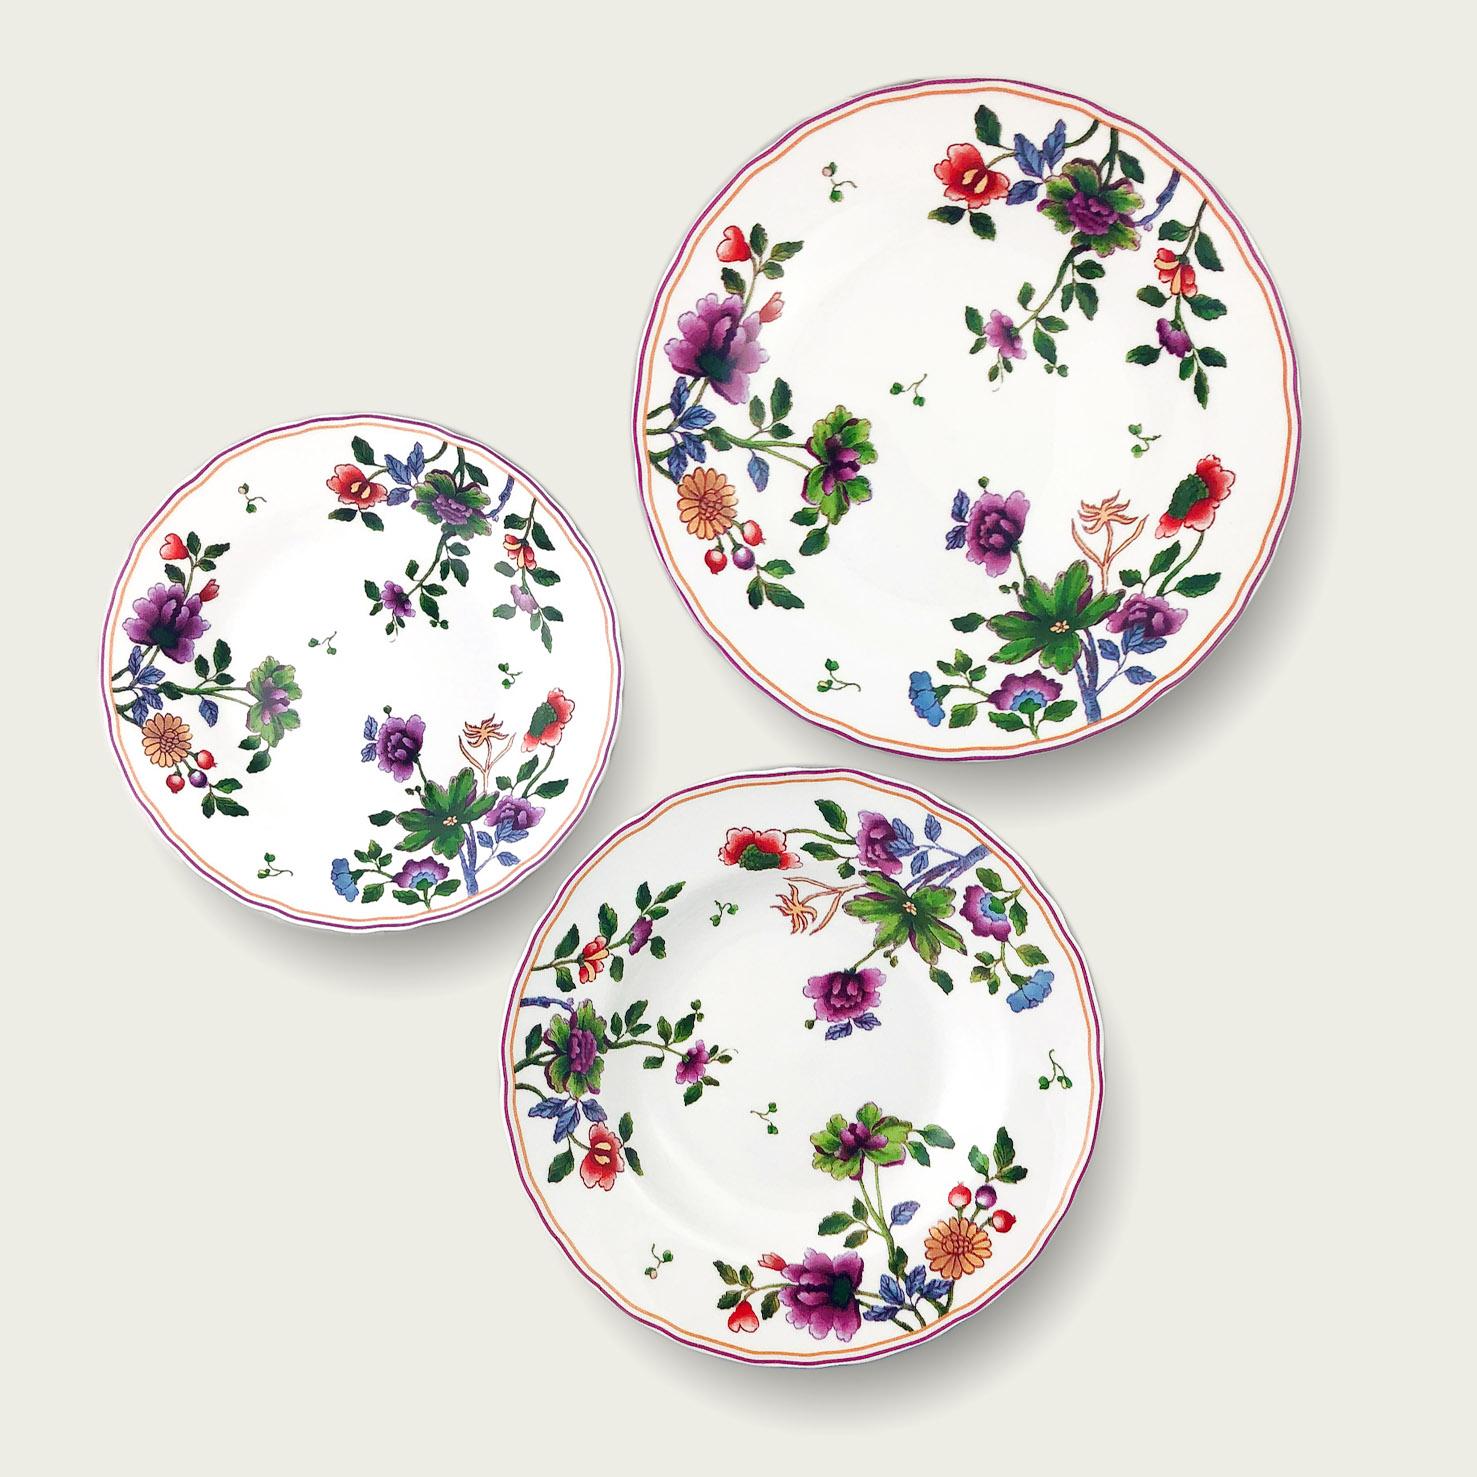 Piatto in porcellana - forma tradizionale - decoro fiori e bacche